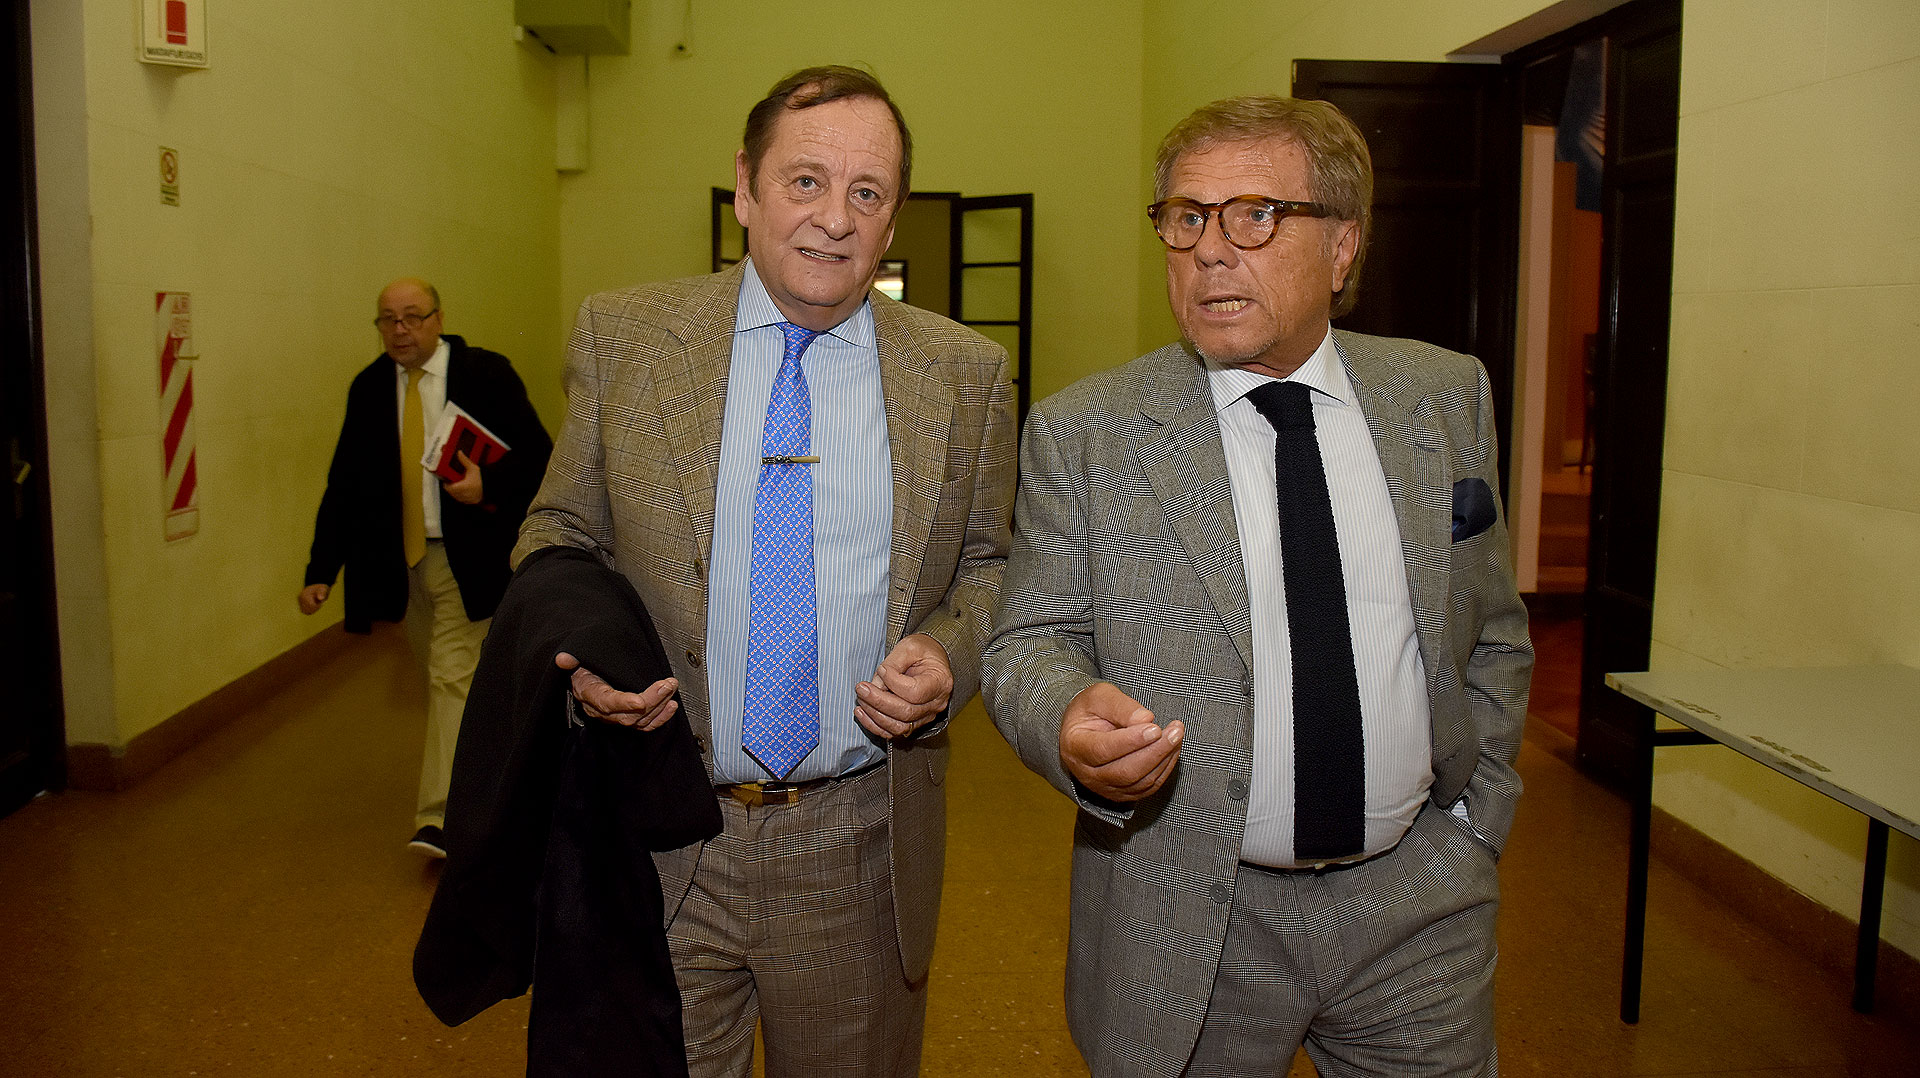 El juez federal Rodolfo Canicoba Corral junto a De Kovetz, magistrado del Tribunal Oral Federal de San Martín